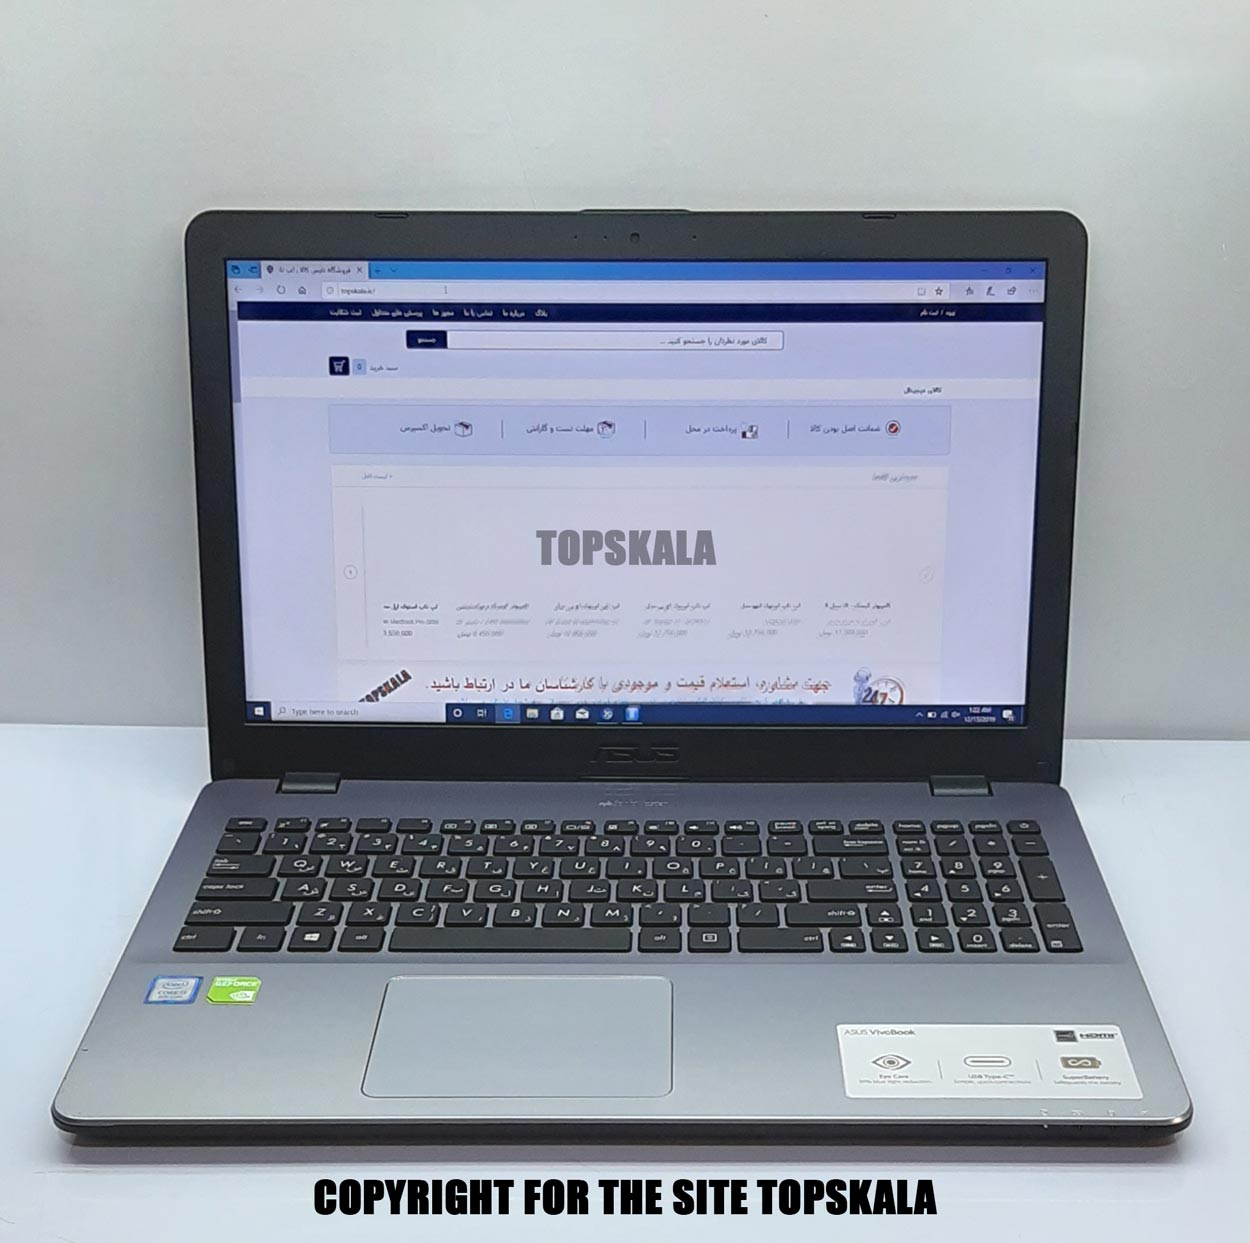 لپ تاپ استوک ایسوس مدل ASUS VivoBook X542UN با مشخصات i7-8th-16GB-1TB-HDD-4GB-nvidia MX150laptop-stock-ASUS-model-VivoBook-X542UN-i7-8th-16GB-1TB-HDD-4GB-nvidia-MX150